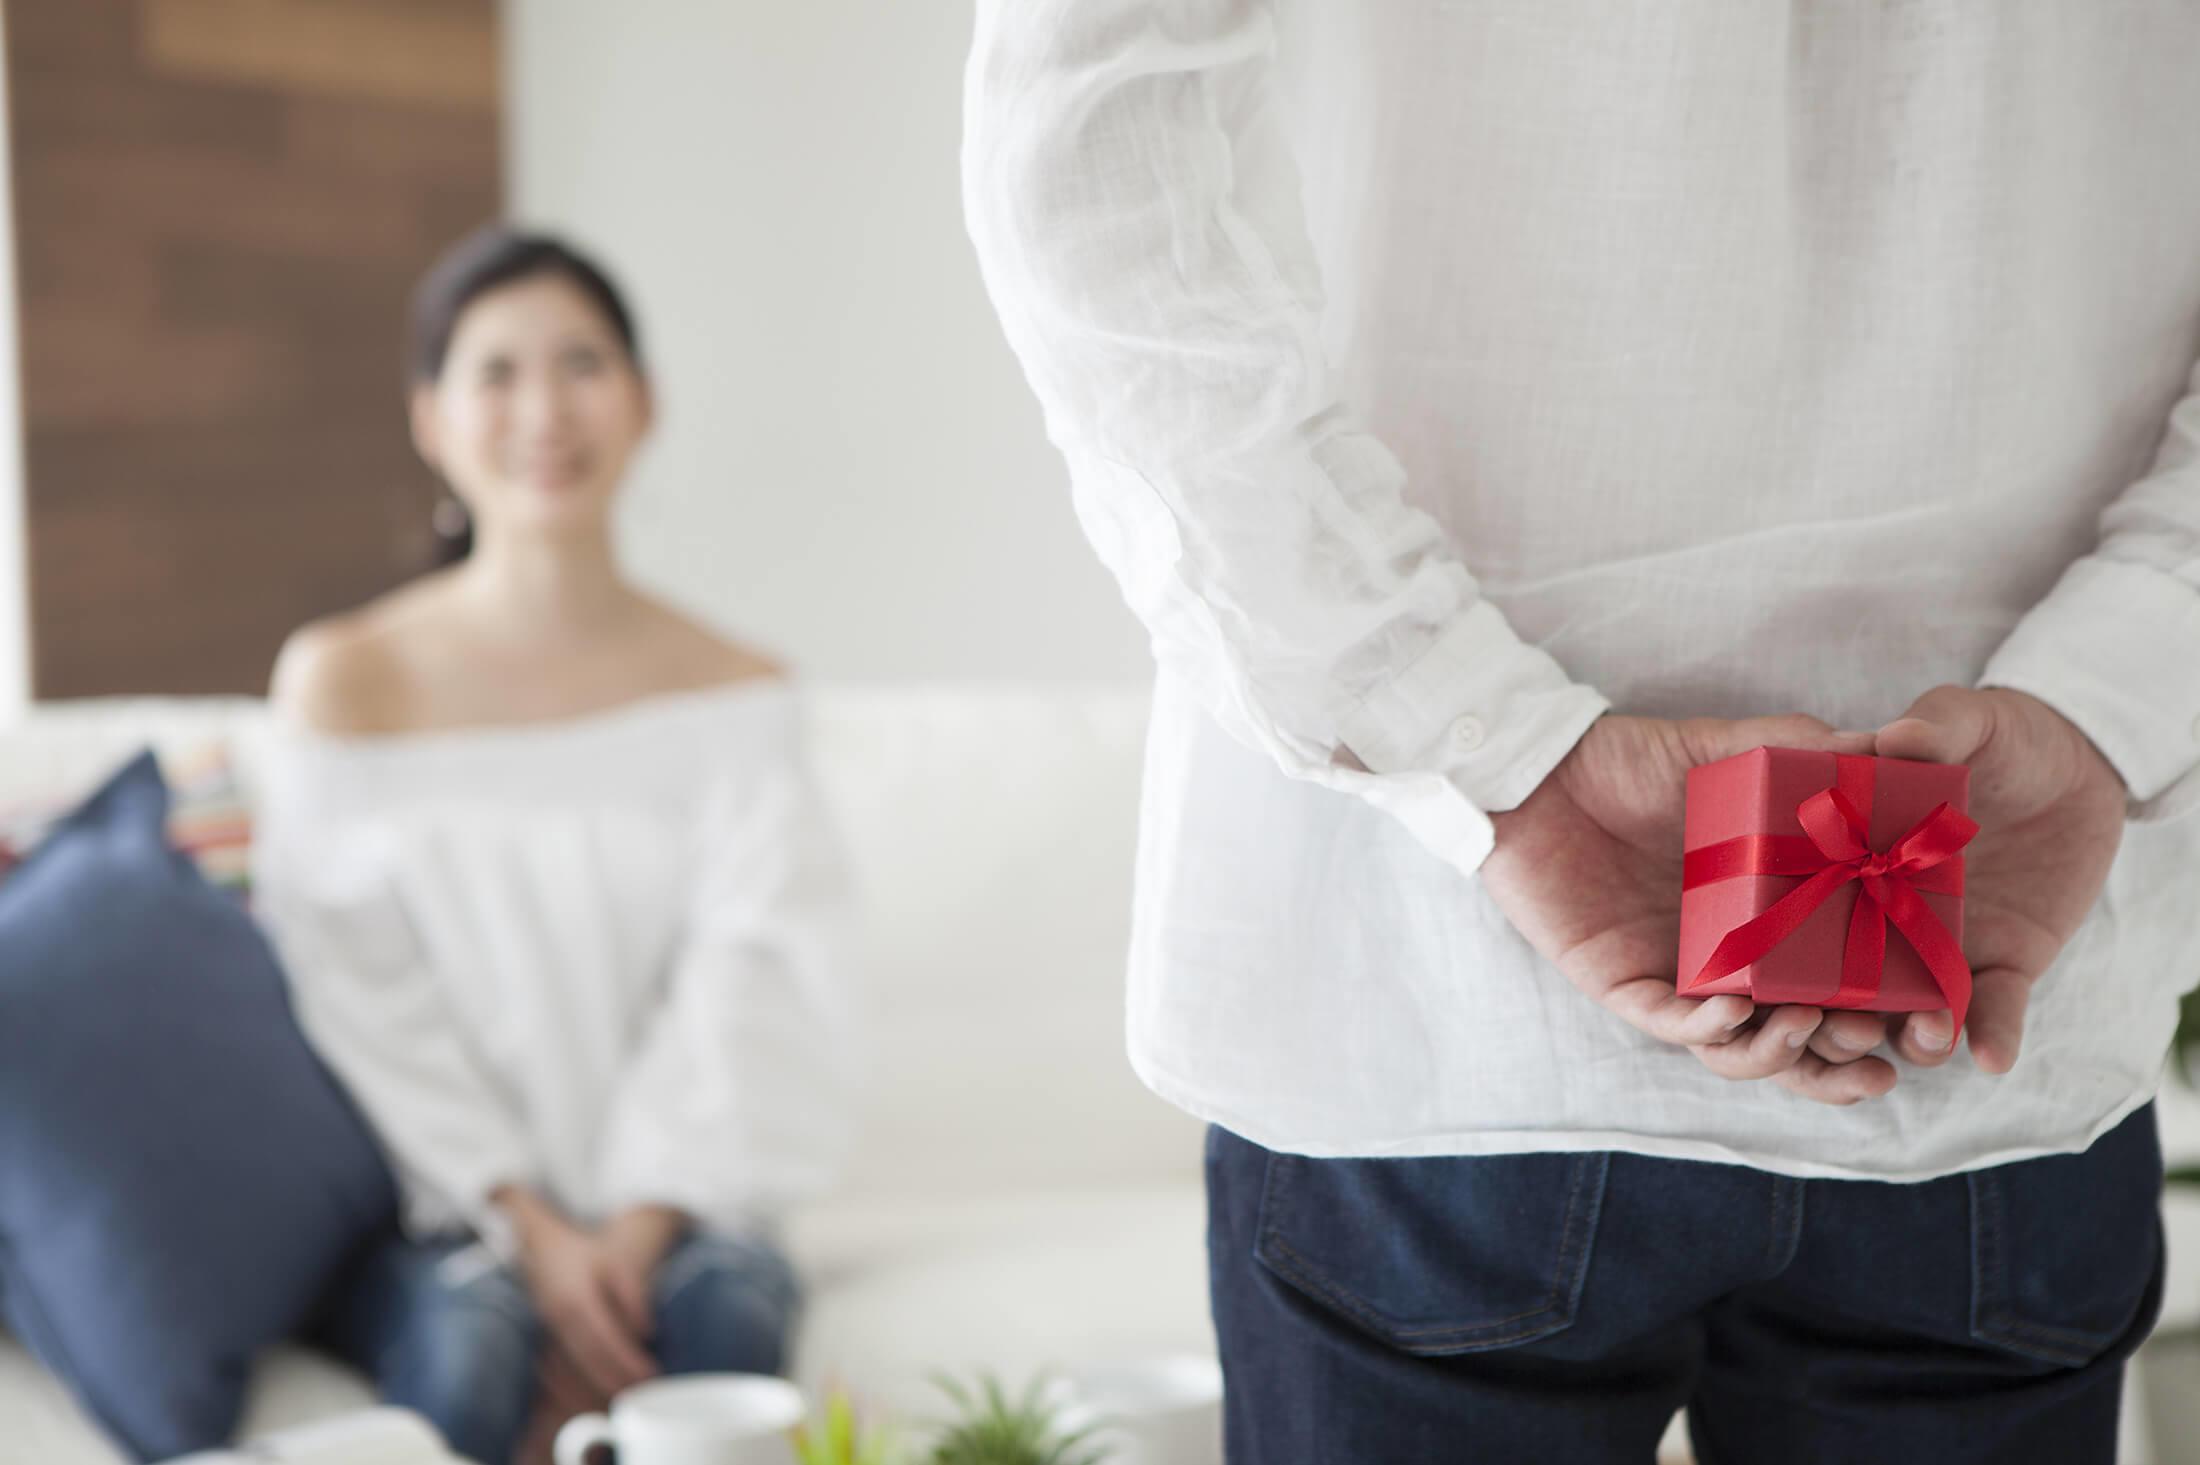 『婚約指輪』は想像以上にプロポーズをアシスト